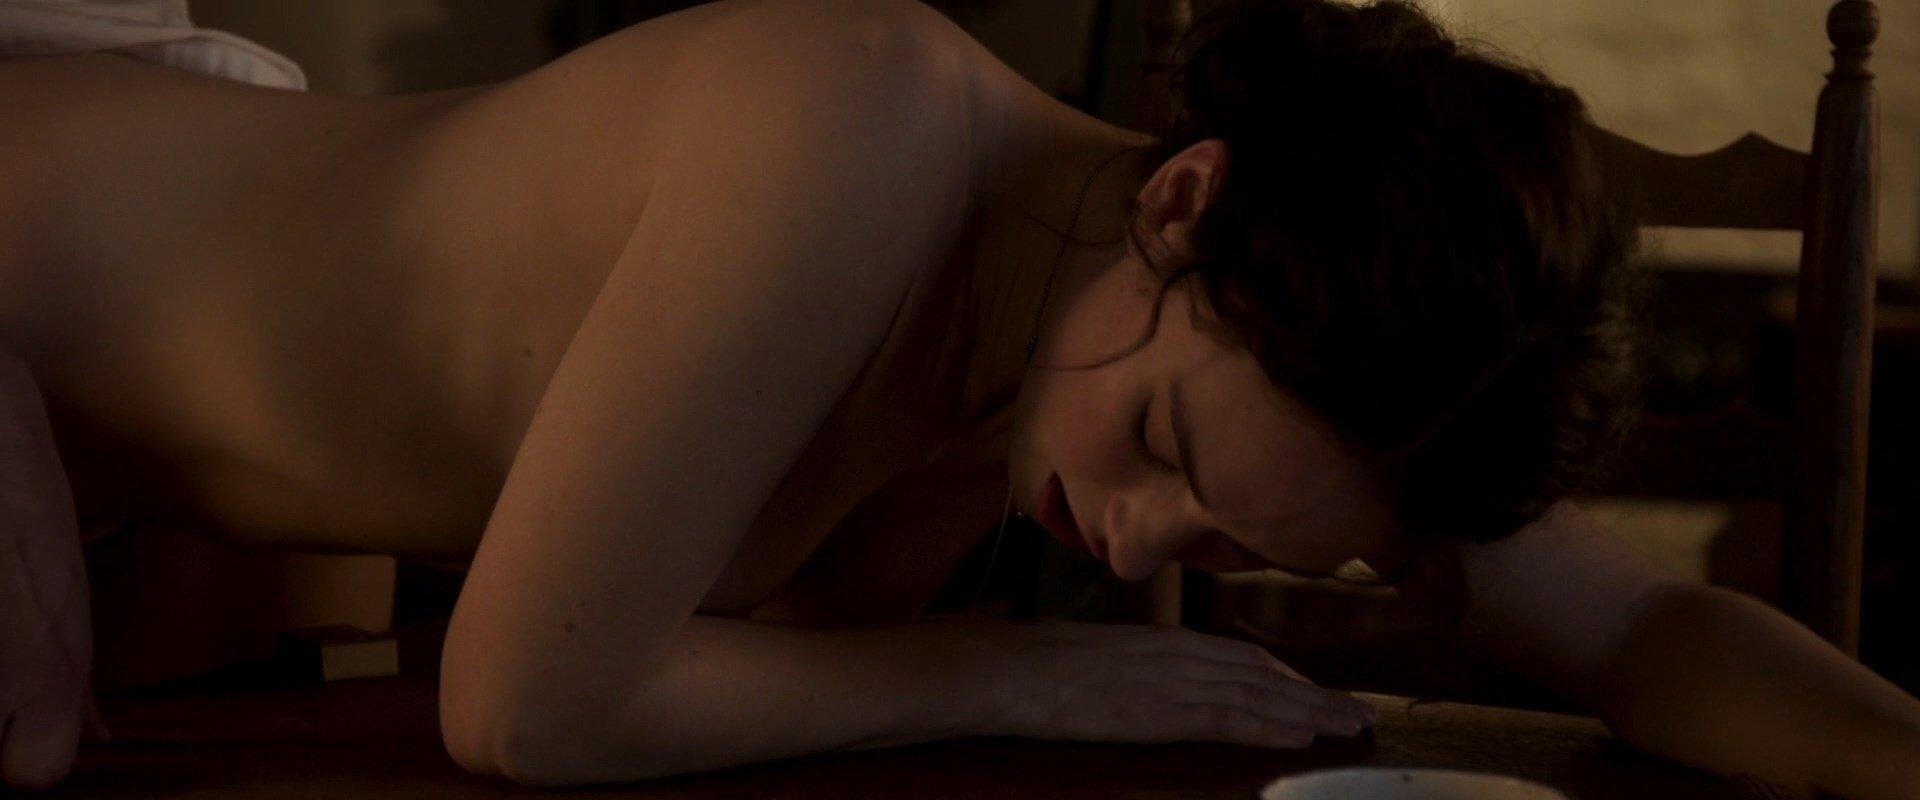 Dawn marie naked wwe